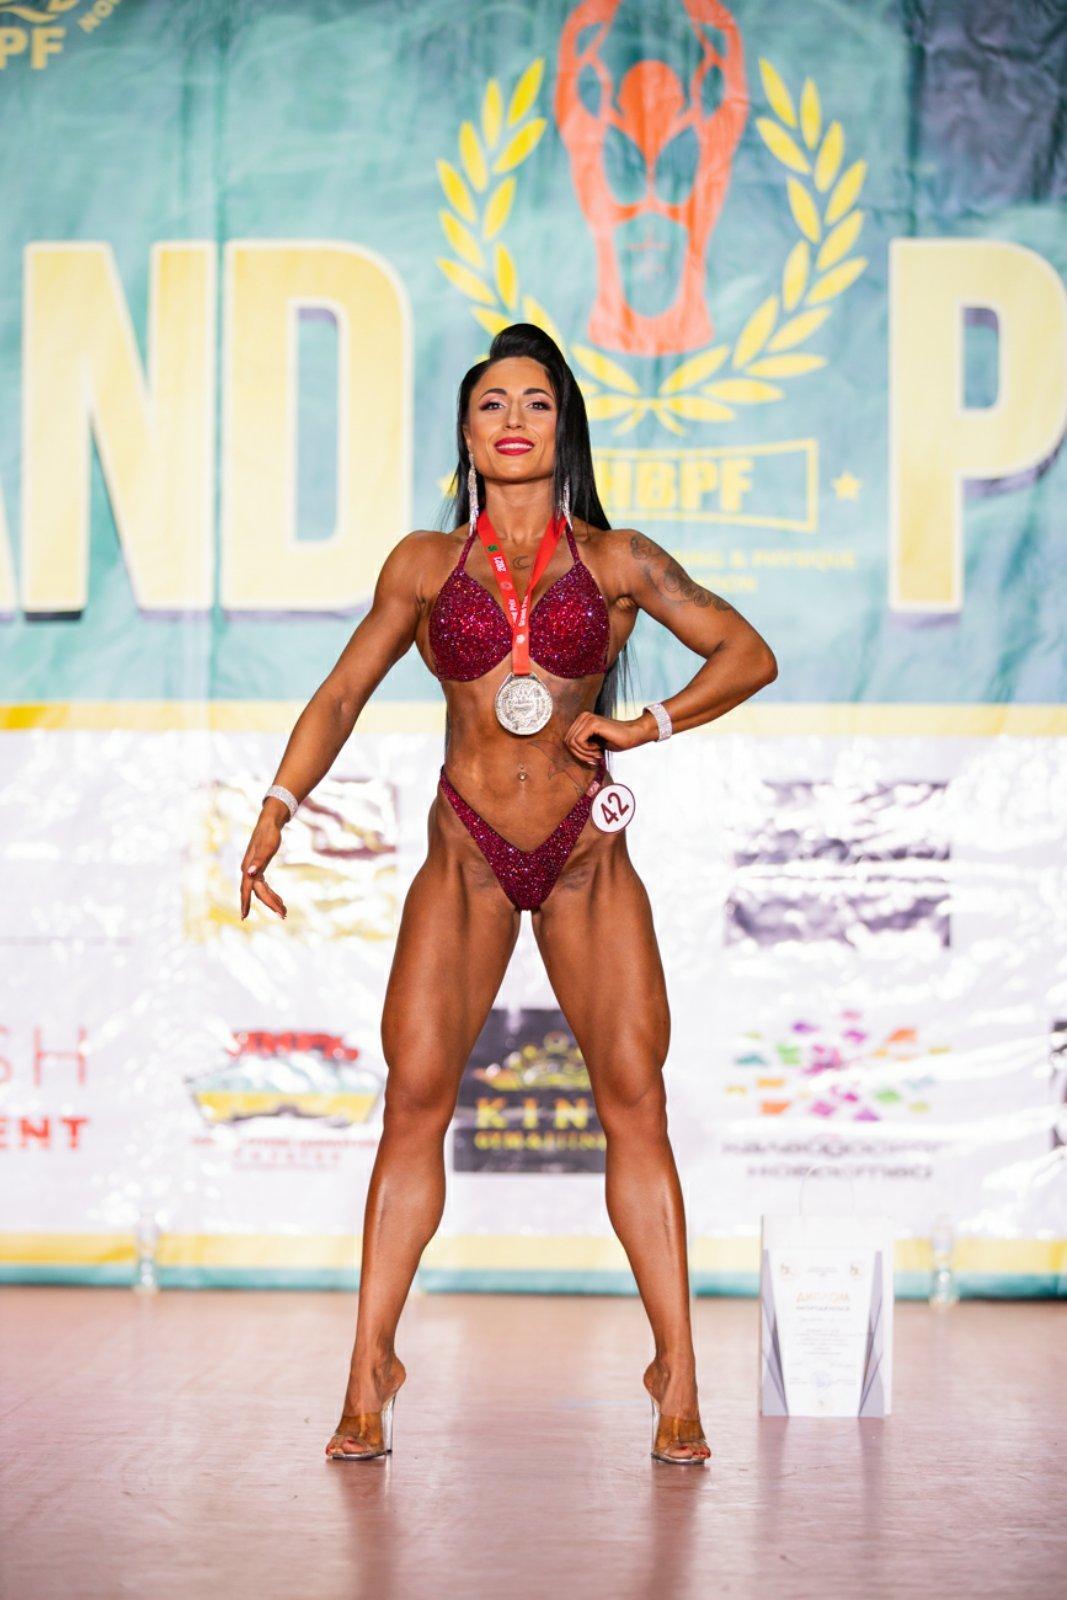 Лозівчанка здобула перемогу на змаганнях з бодибілдингу, фітнесу та атлетизму, фото-1